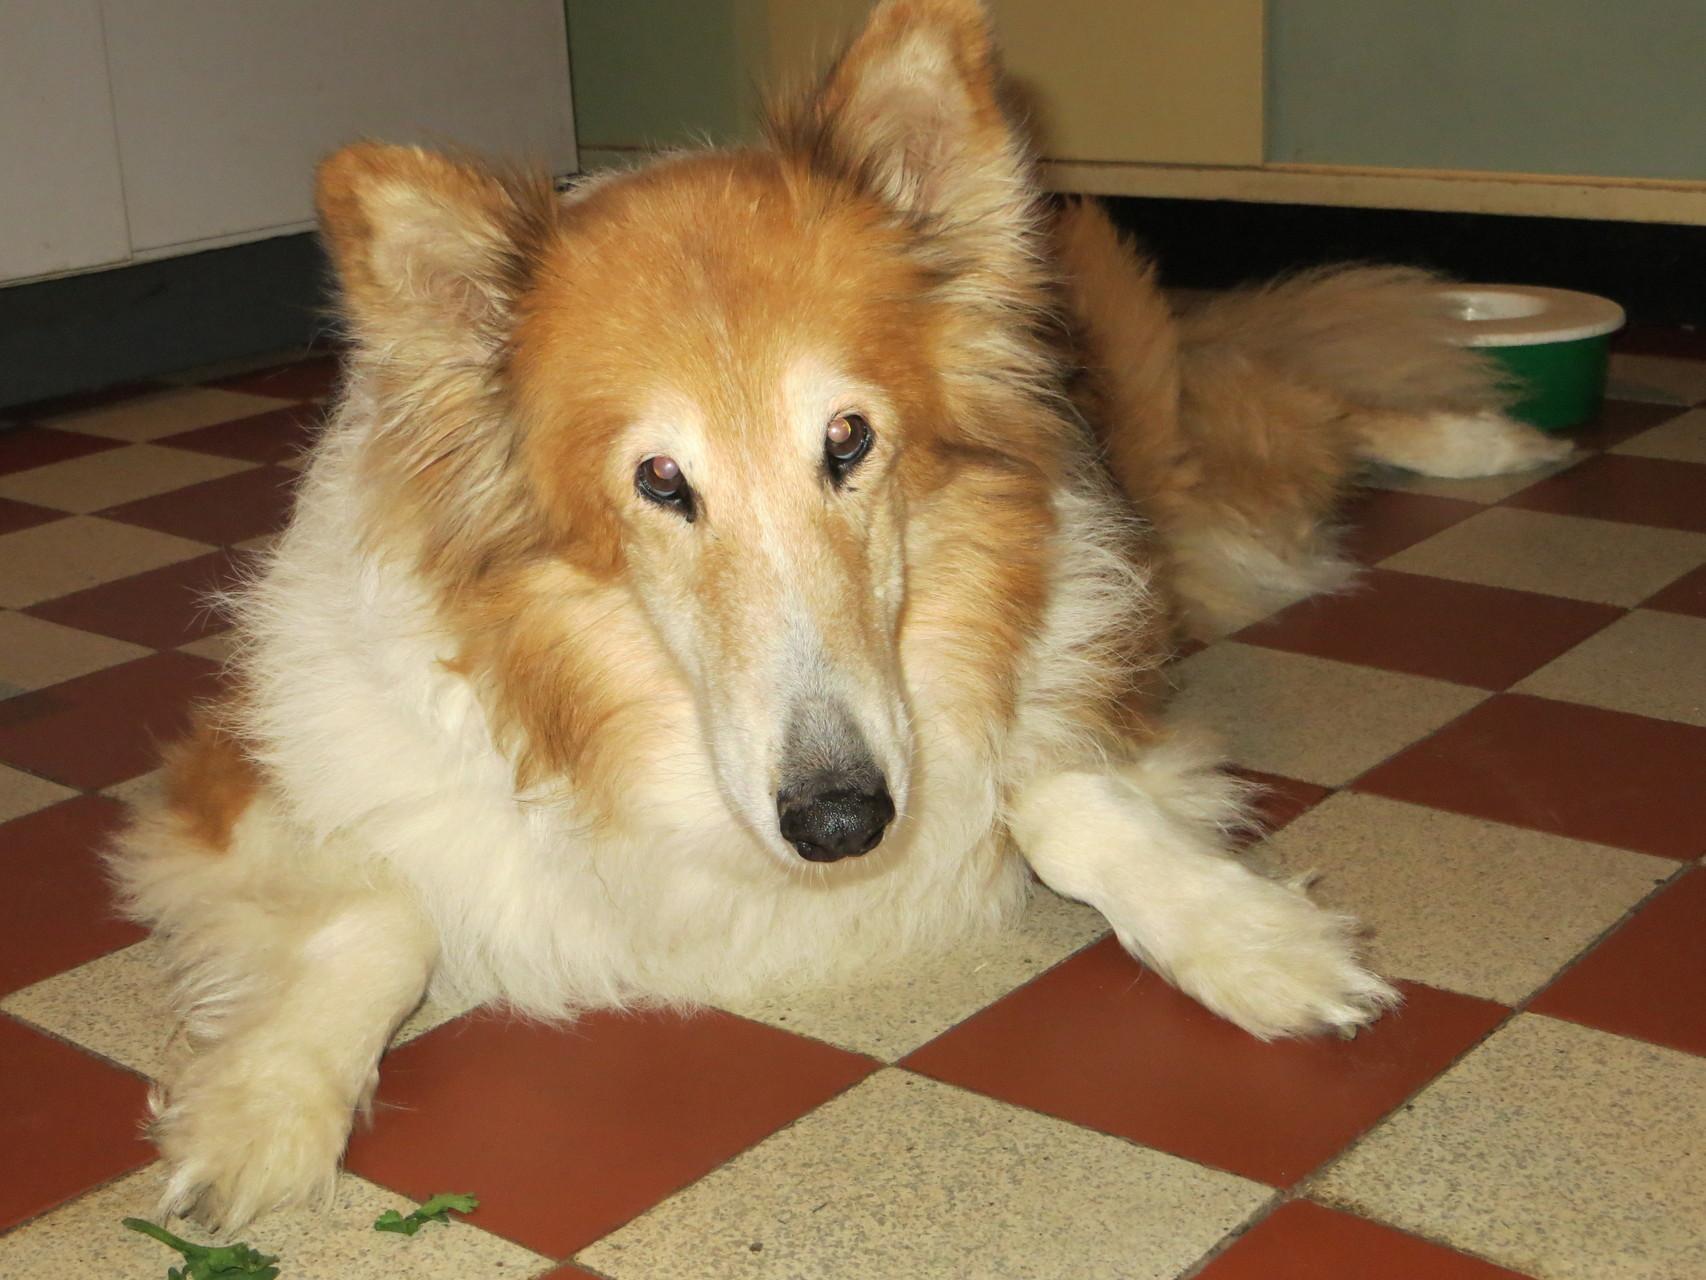 Anima (19.09.2014) - Treue liebevolle Collieseele aus Italien, die noch schöne 3 Jahre bei uns verbringen durfte!